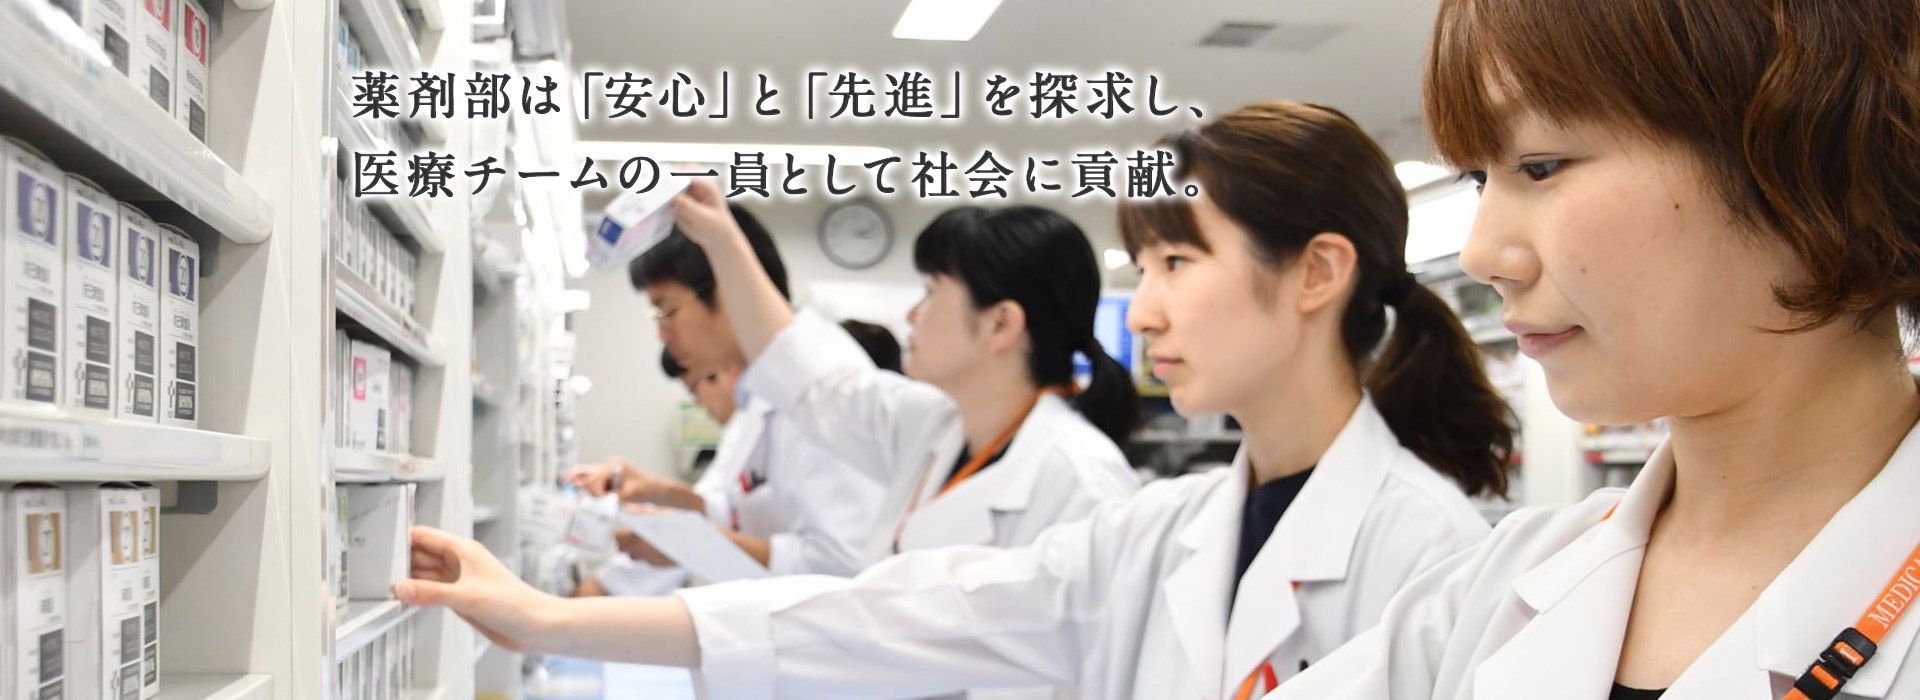 薬剤部は安心と先進を探求し、医療チームの一員として社会に貢献